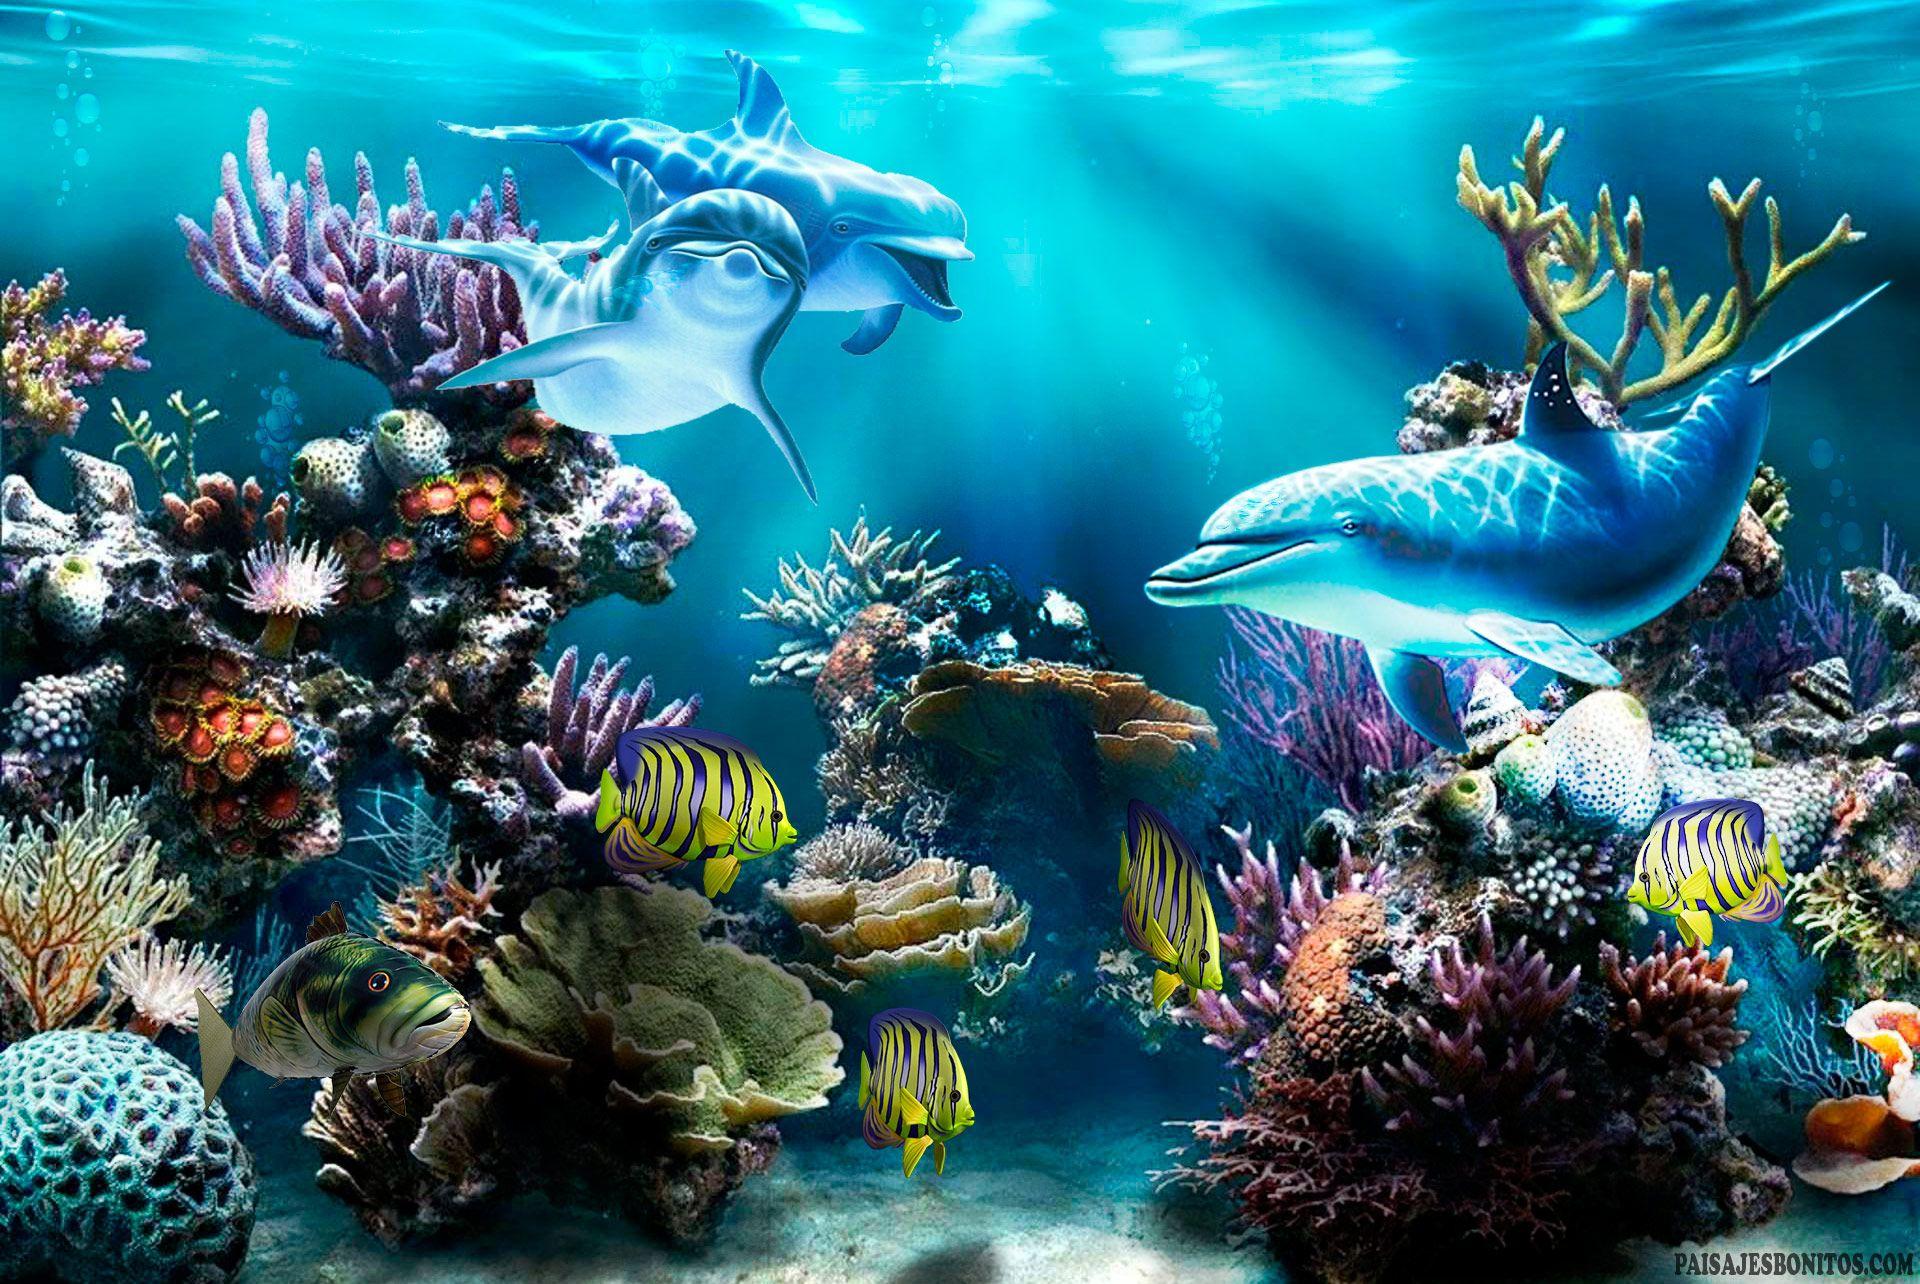 Fondos De Pantalla Del Mar: Fondo Pantalla Delfines Bajo Mar